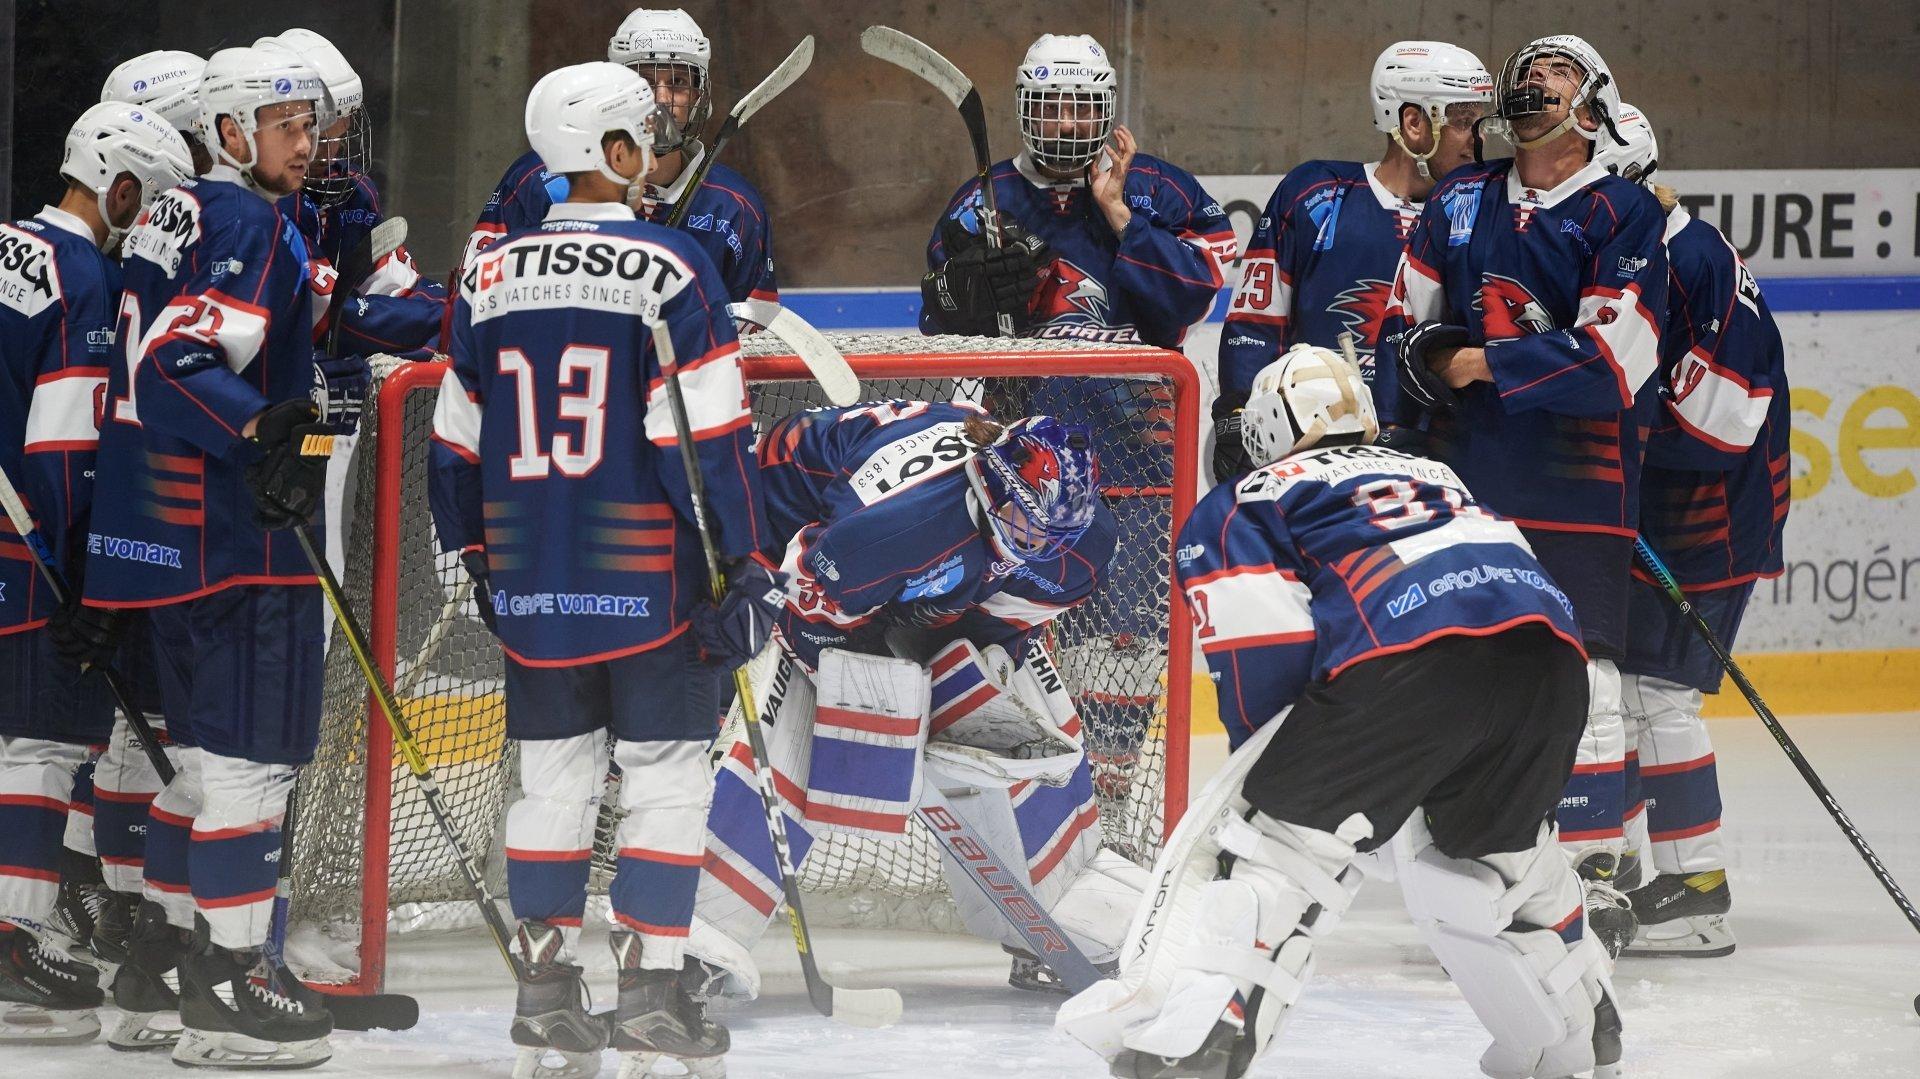 Le HC Université Neuchâtel commence sa saison ce samedi 18 septembre face à Saastal.